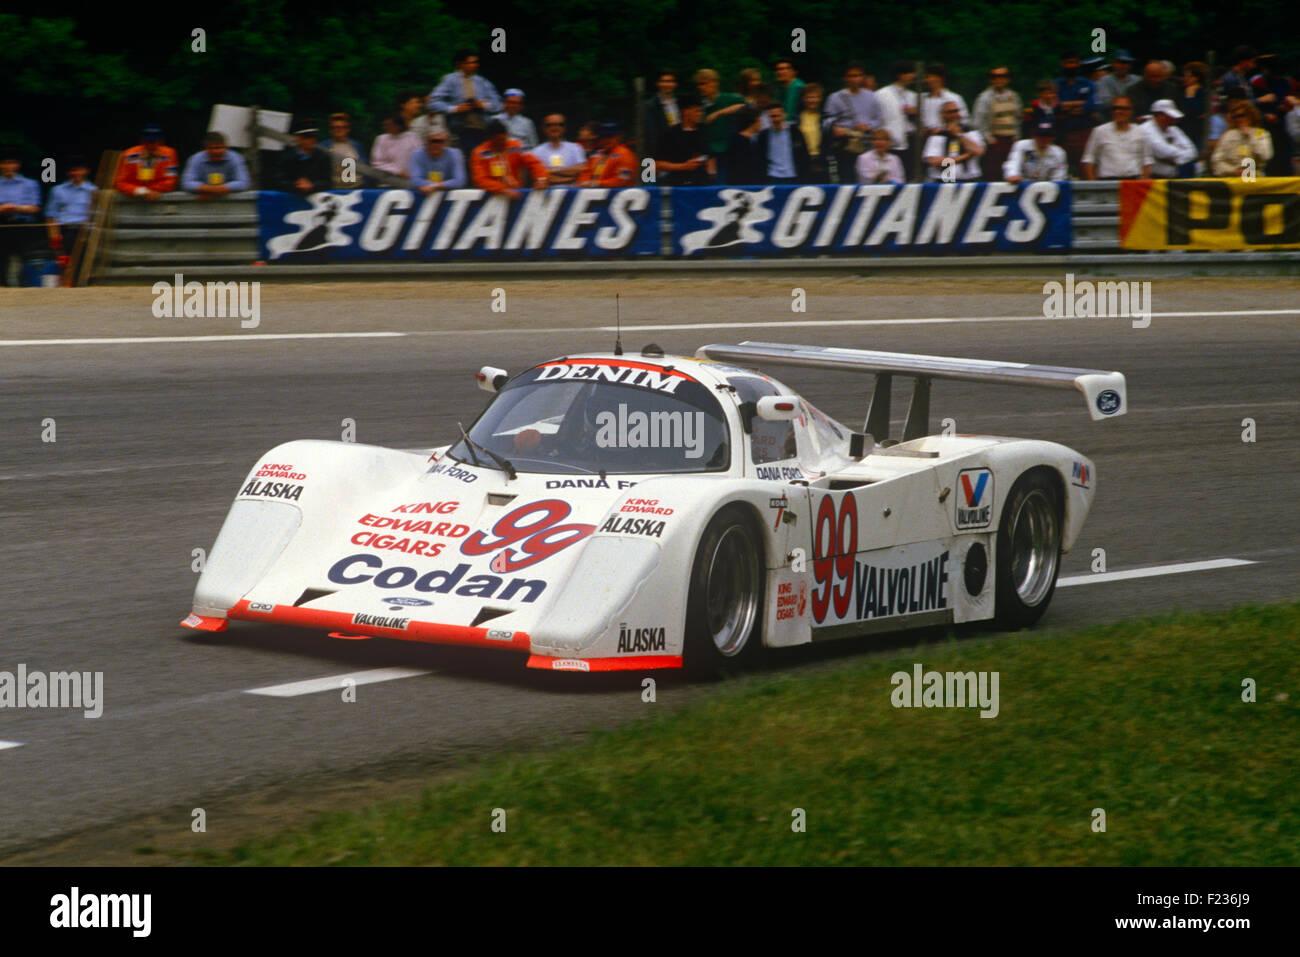 99 Paul Smith, Will Hoy e Nick Nicholson Tiga a Le Mans 16 Giugno 1985 Immagini Stock